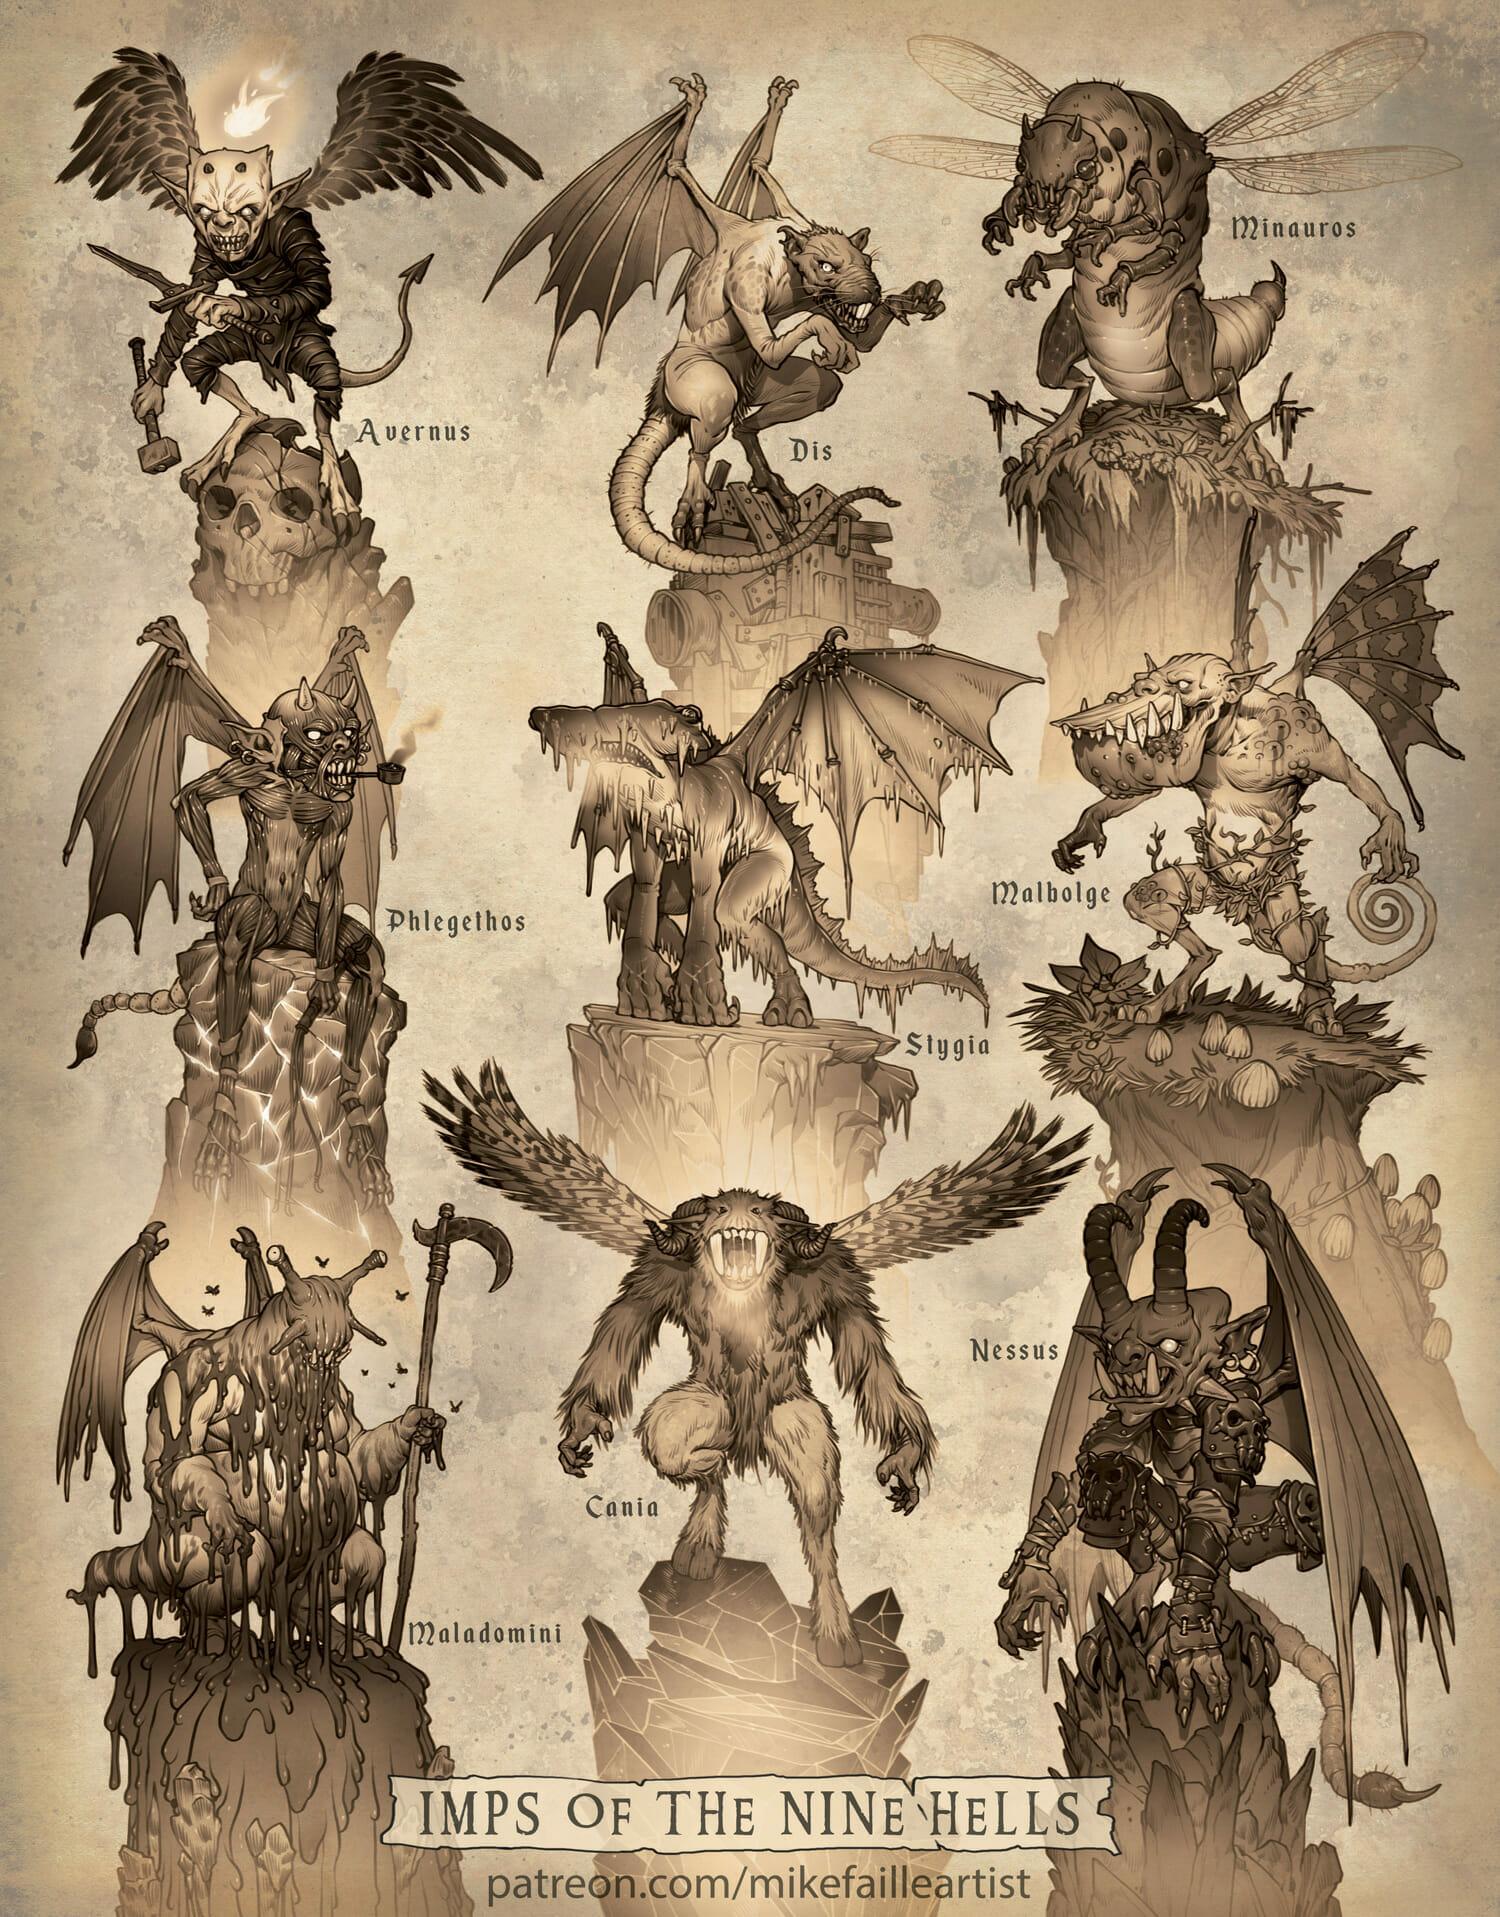 Nine Hells of D&D